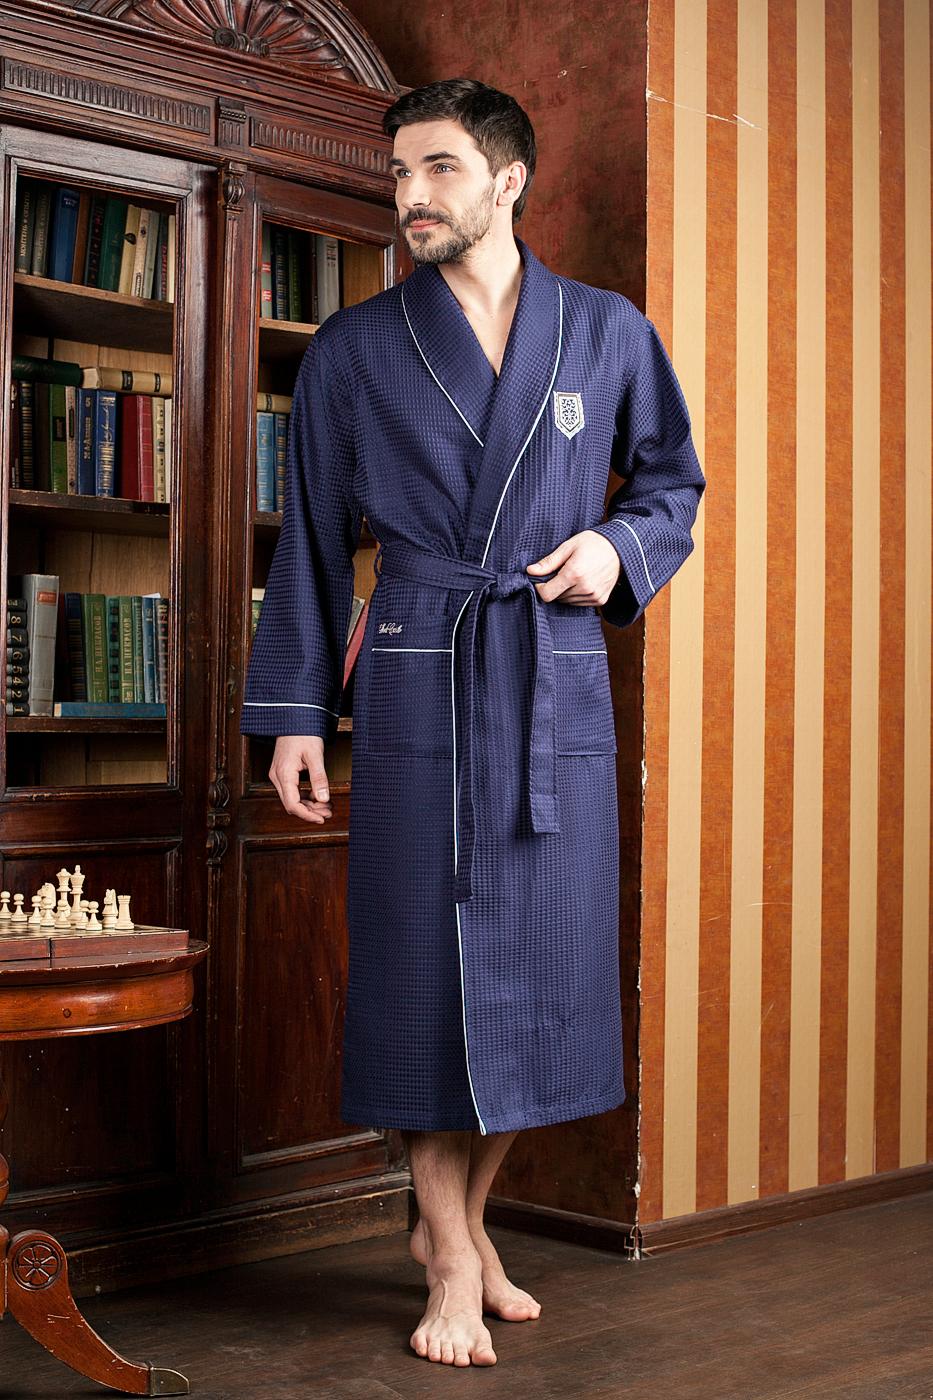 Халат мужской Five Wien Home, цвет: синий. 431. Размер XXXL (54/56)431Шикарный вафельный бамбуковый халат с элегантной вышивкой на груди и на кармане. Выполнен из высококачественного материала.